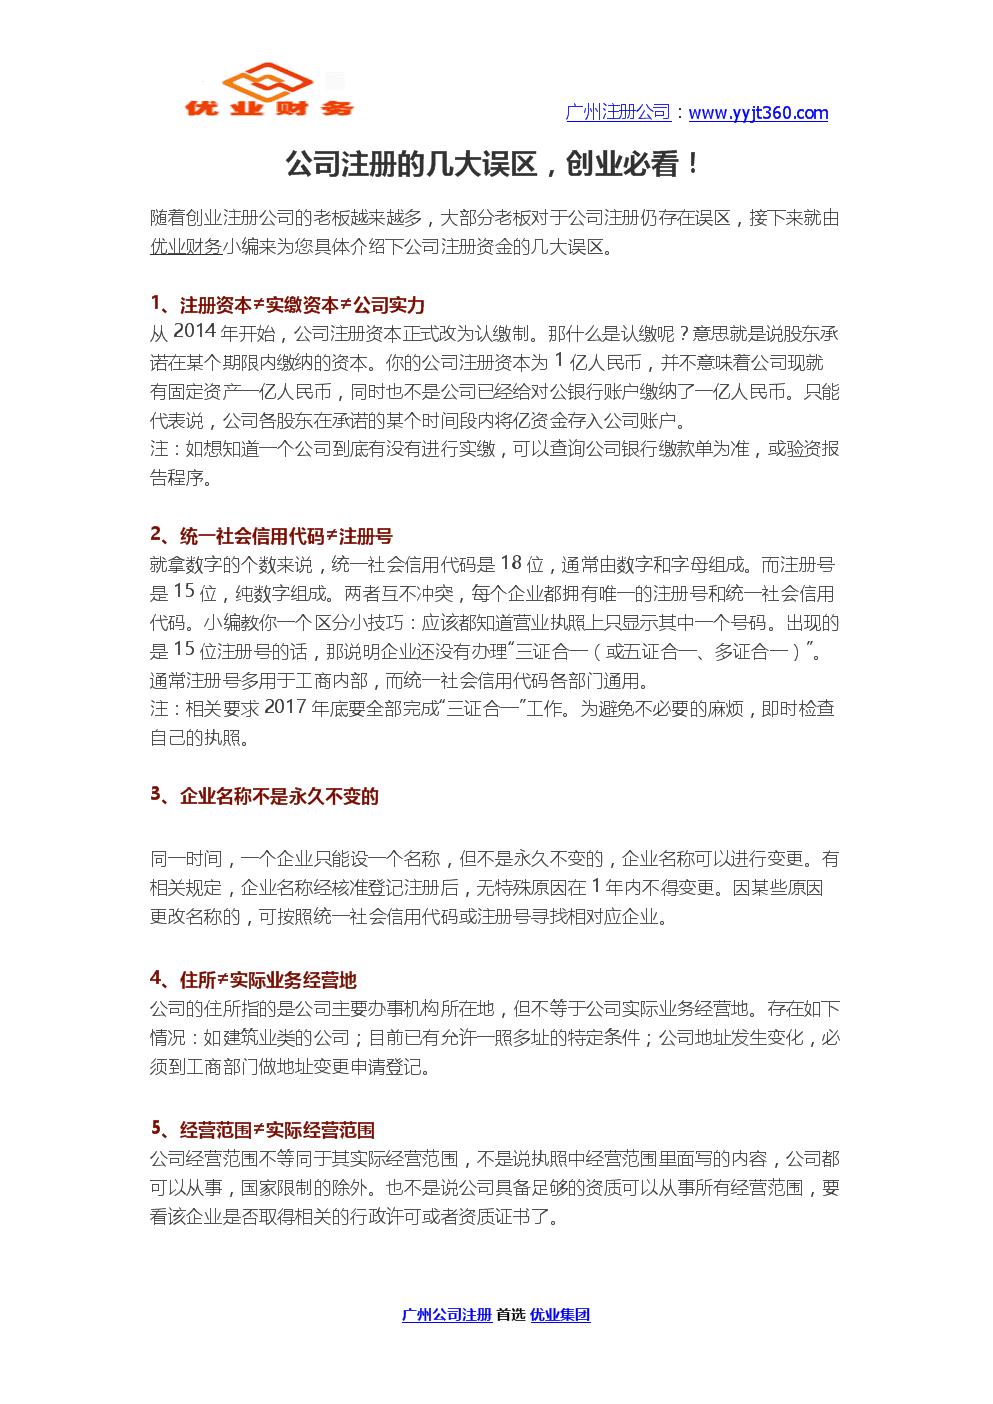 公司注册的几大误区,创业必看! 优业集团.docx